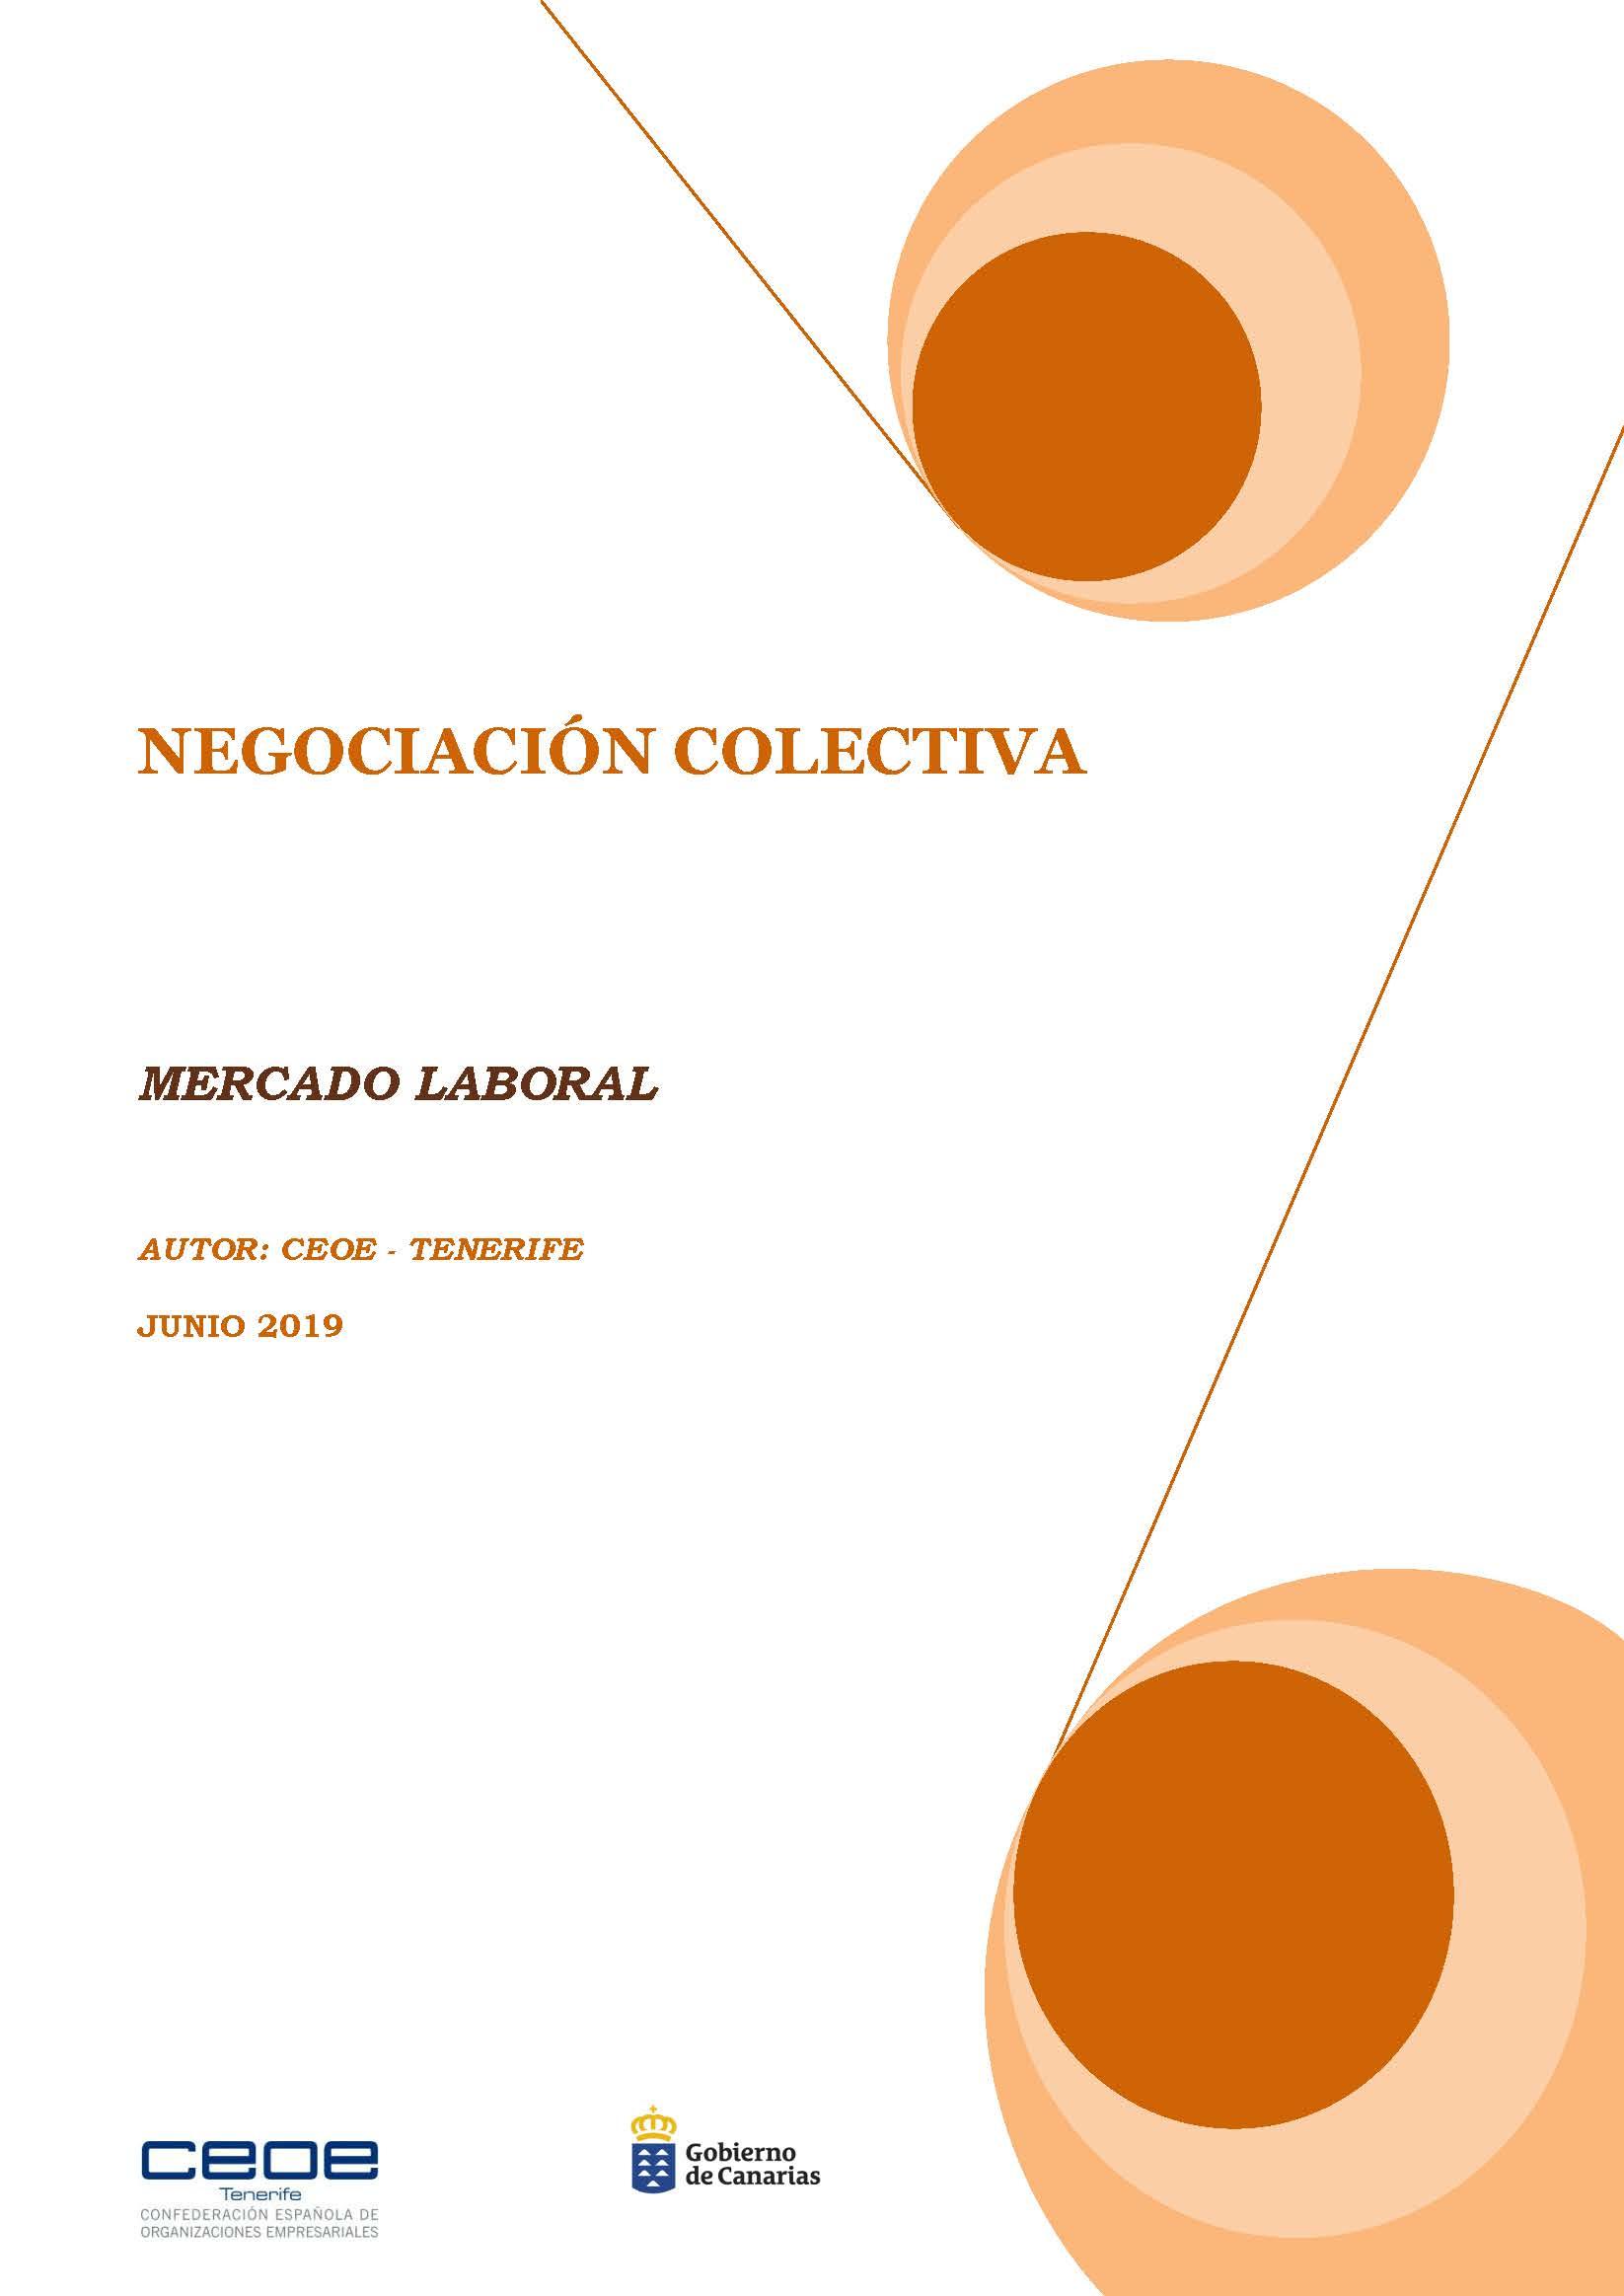 MERCADO LABORAL - NEGOCIACION COLECTIVA JUNIO 2019